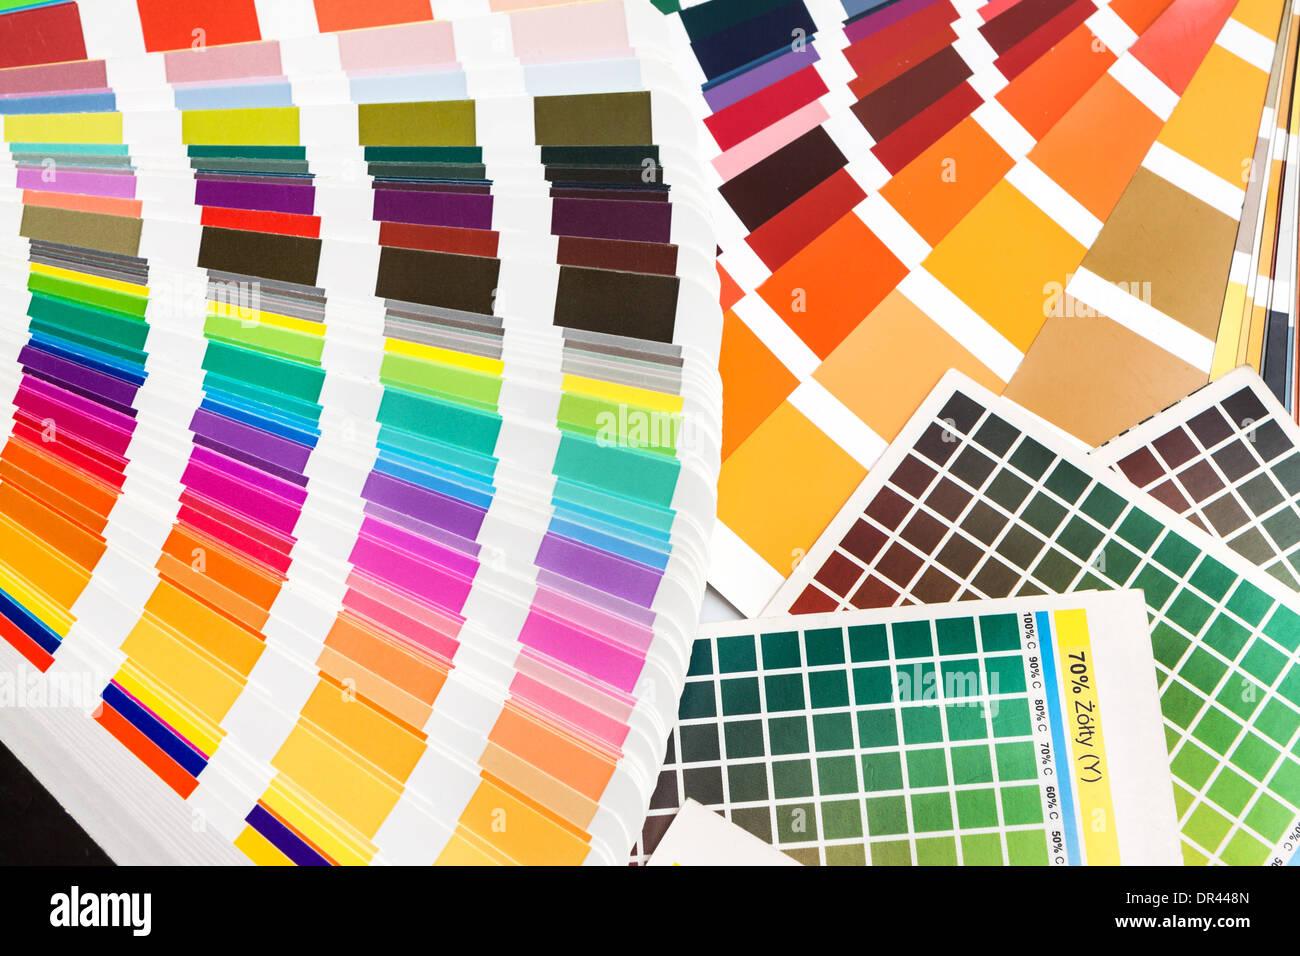 Cmjn Pantone Ral Couleurs Types Catalogue Nuanciers Photo Stock Alamy